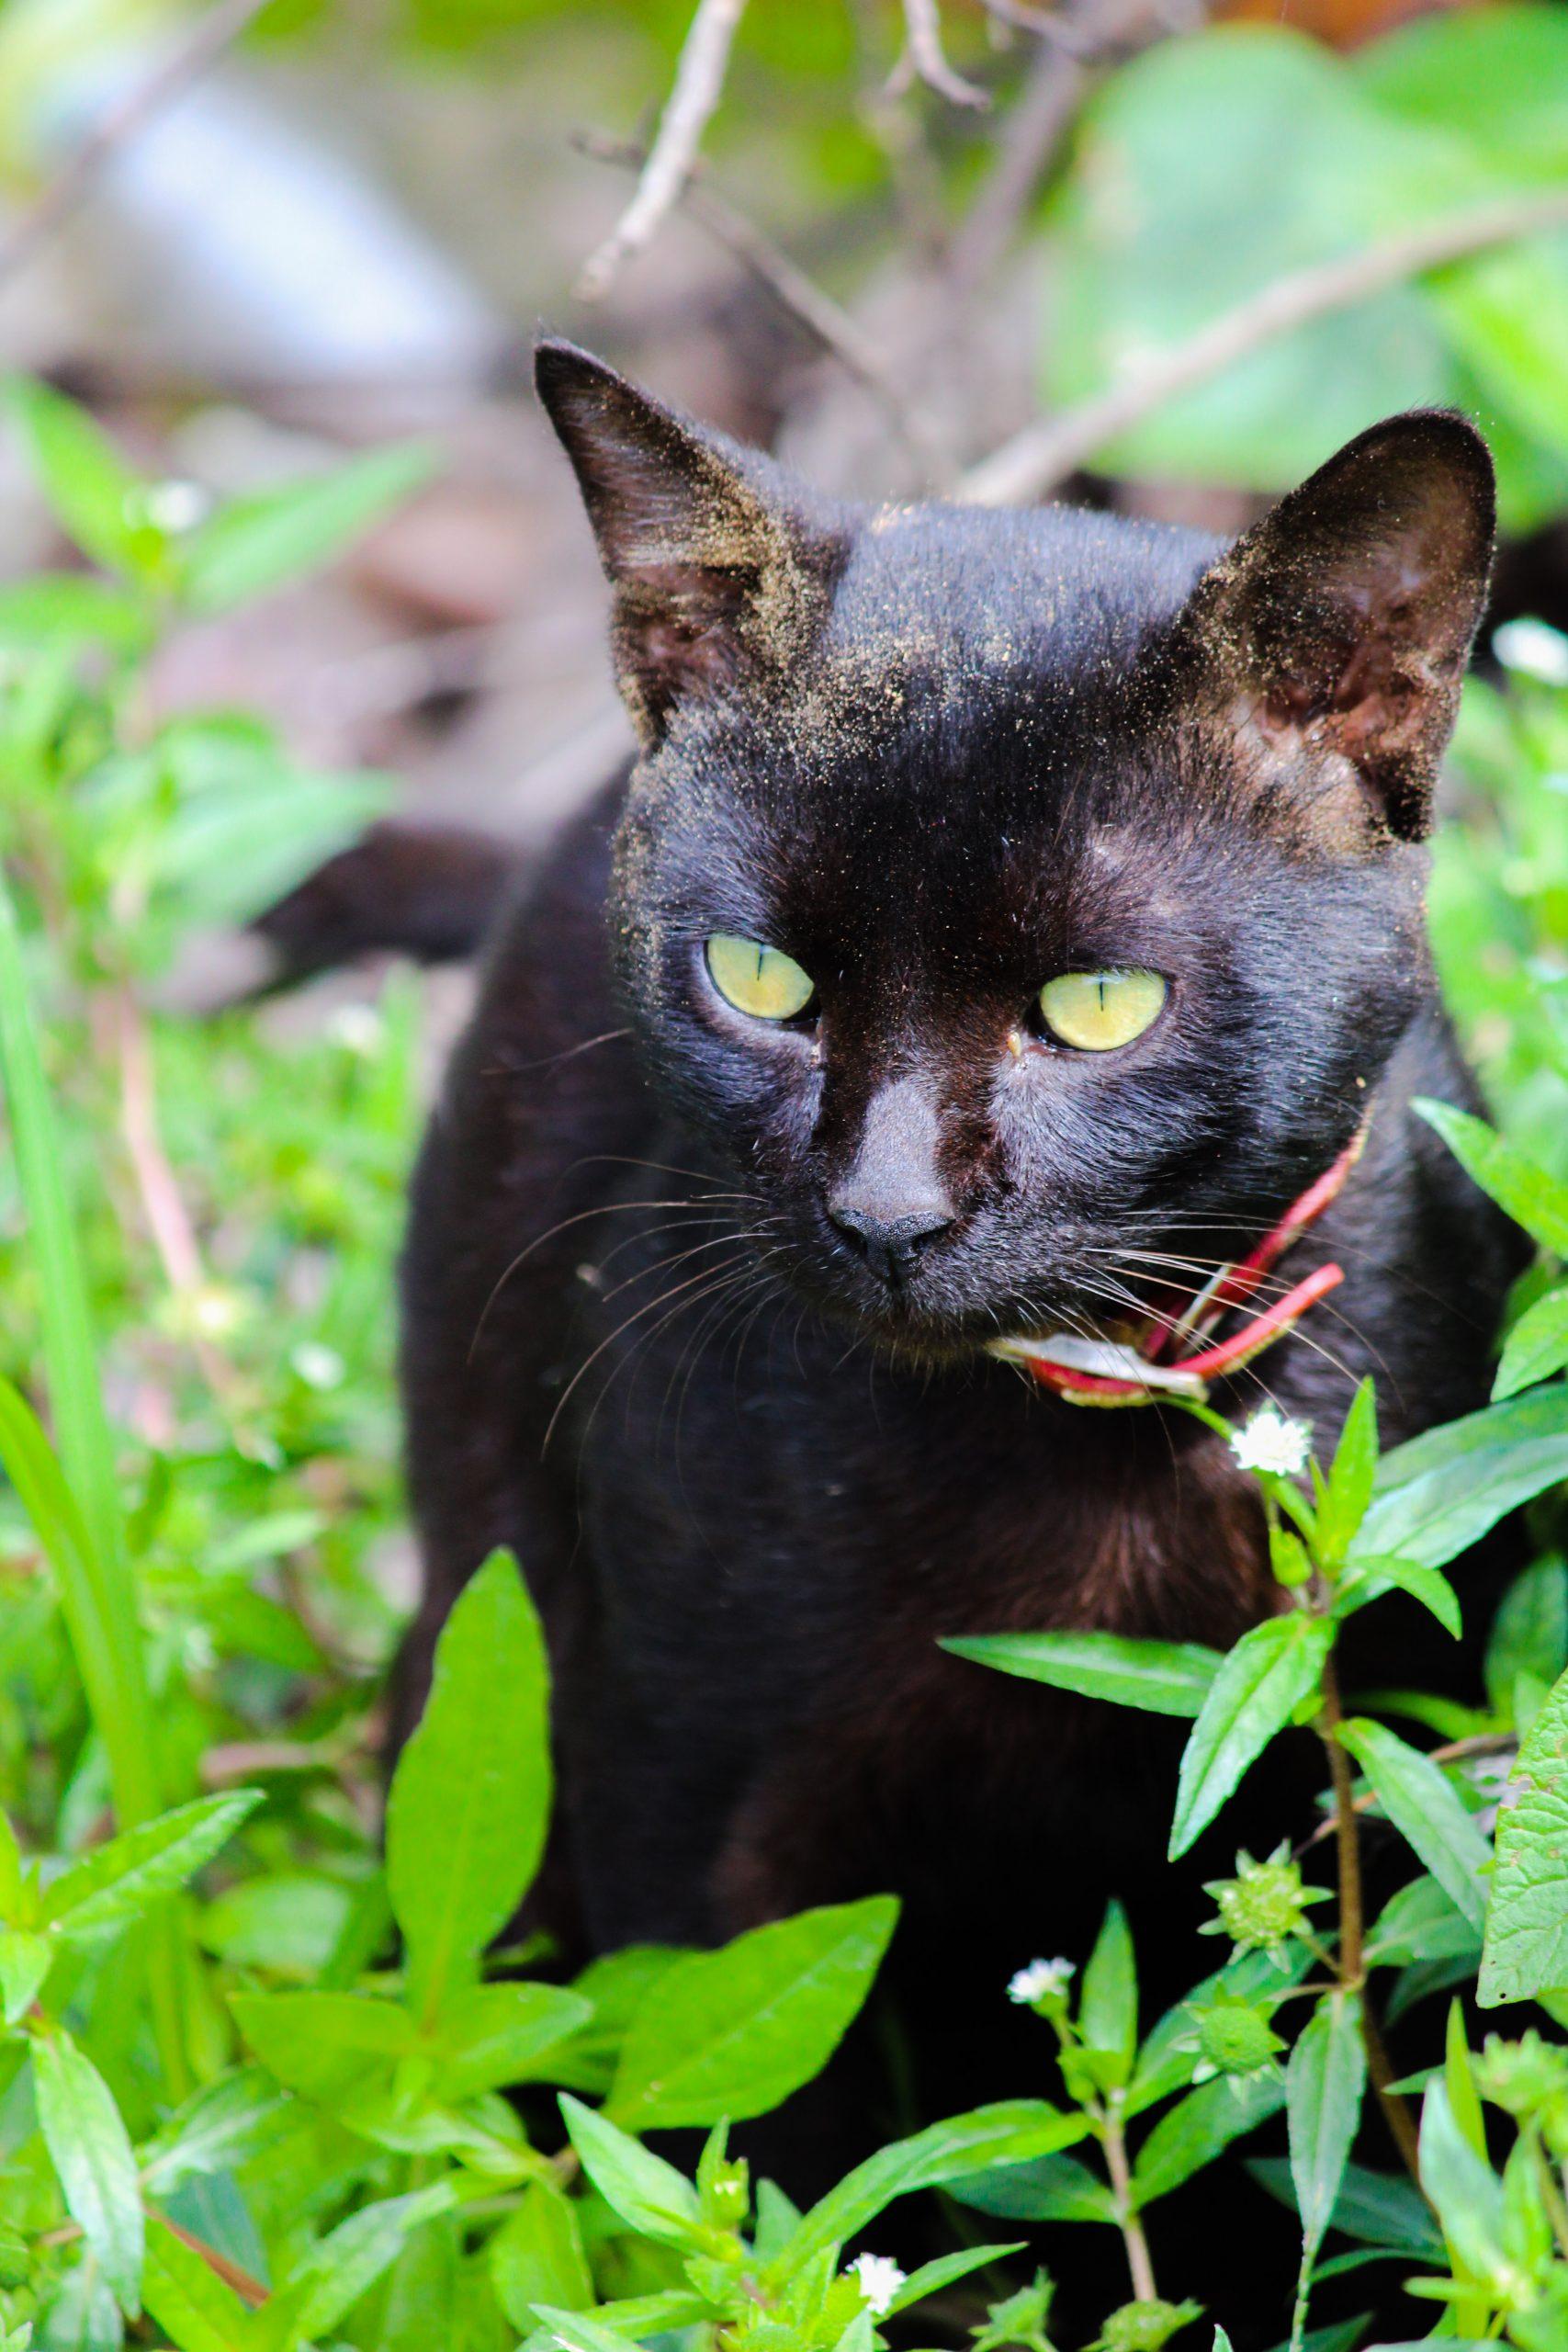 Black Cat Face on Focus